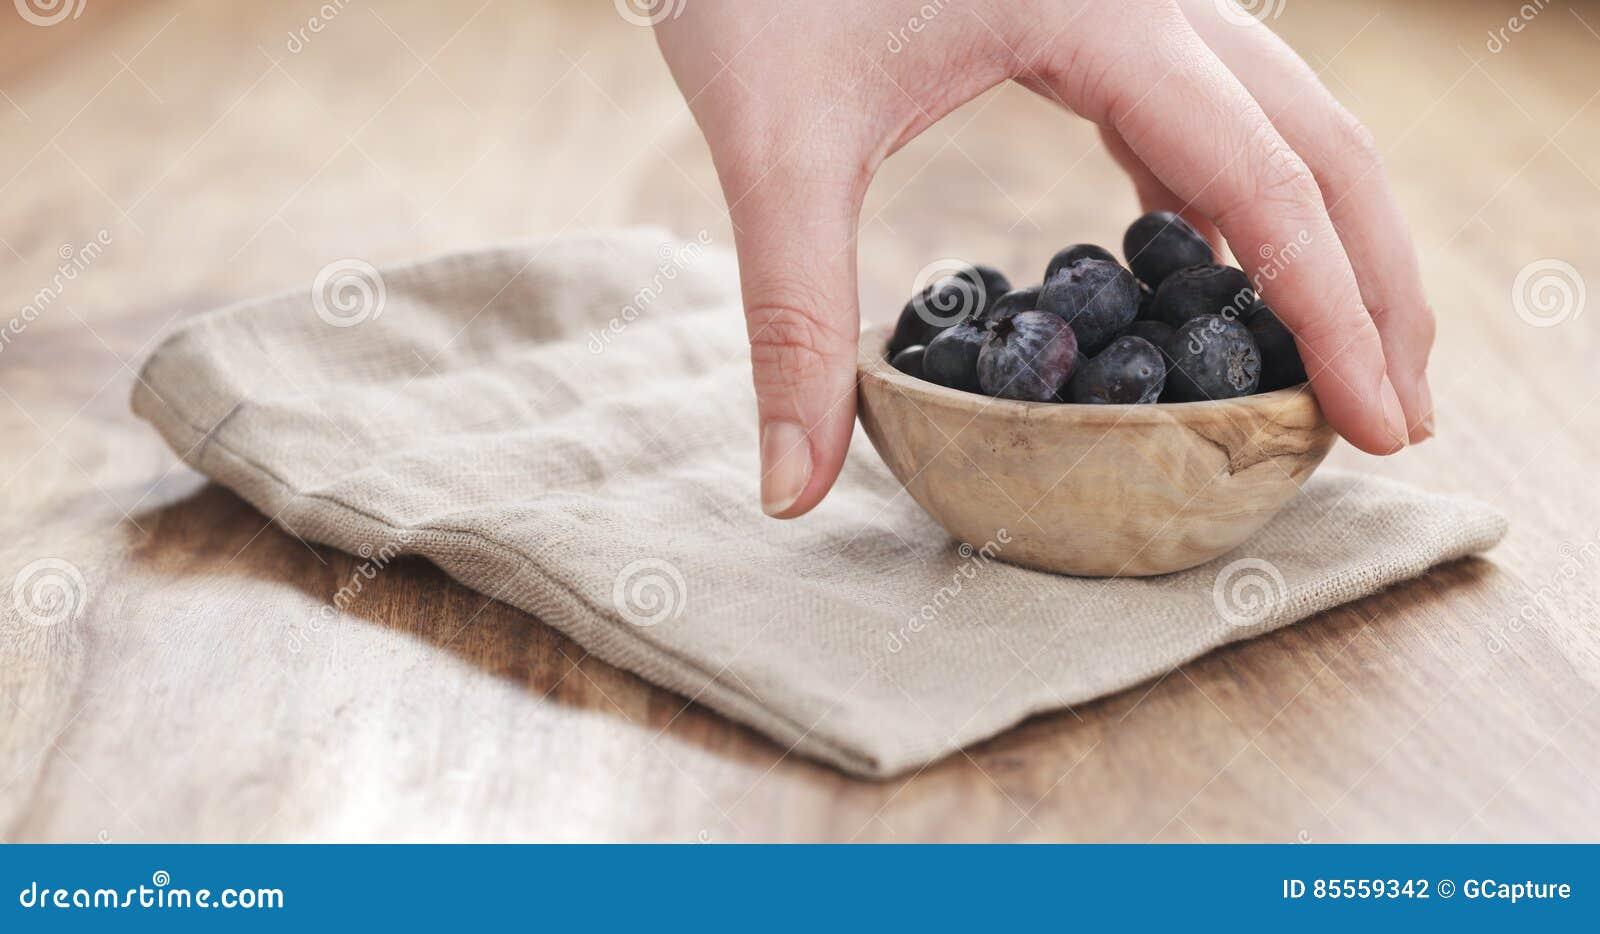 Junge weibliche Hand, die Schüssel Blaubeeren auf Tabelle setzt